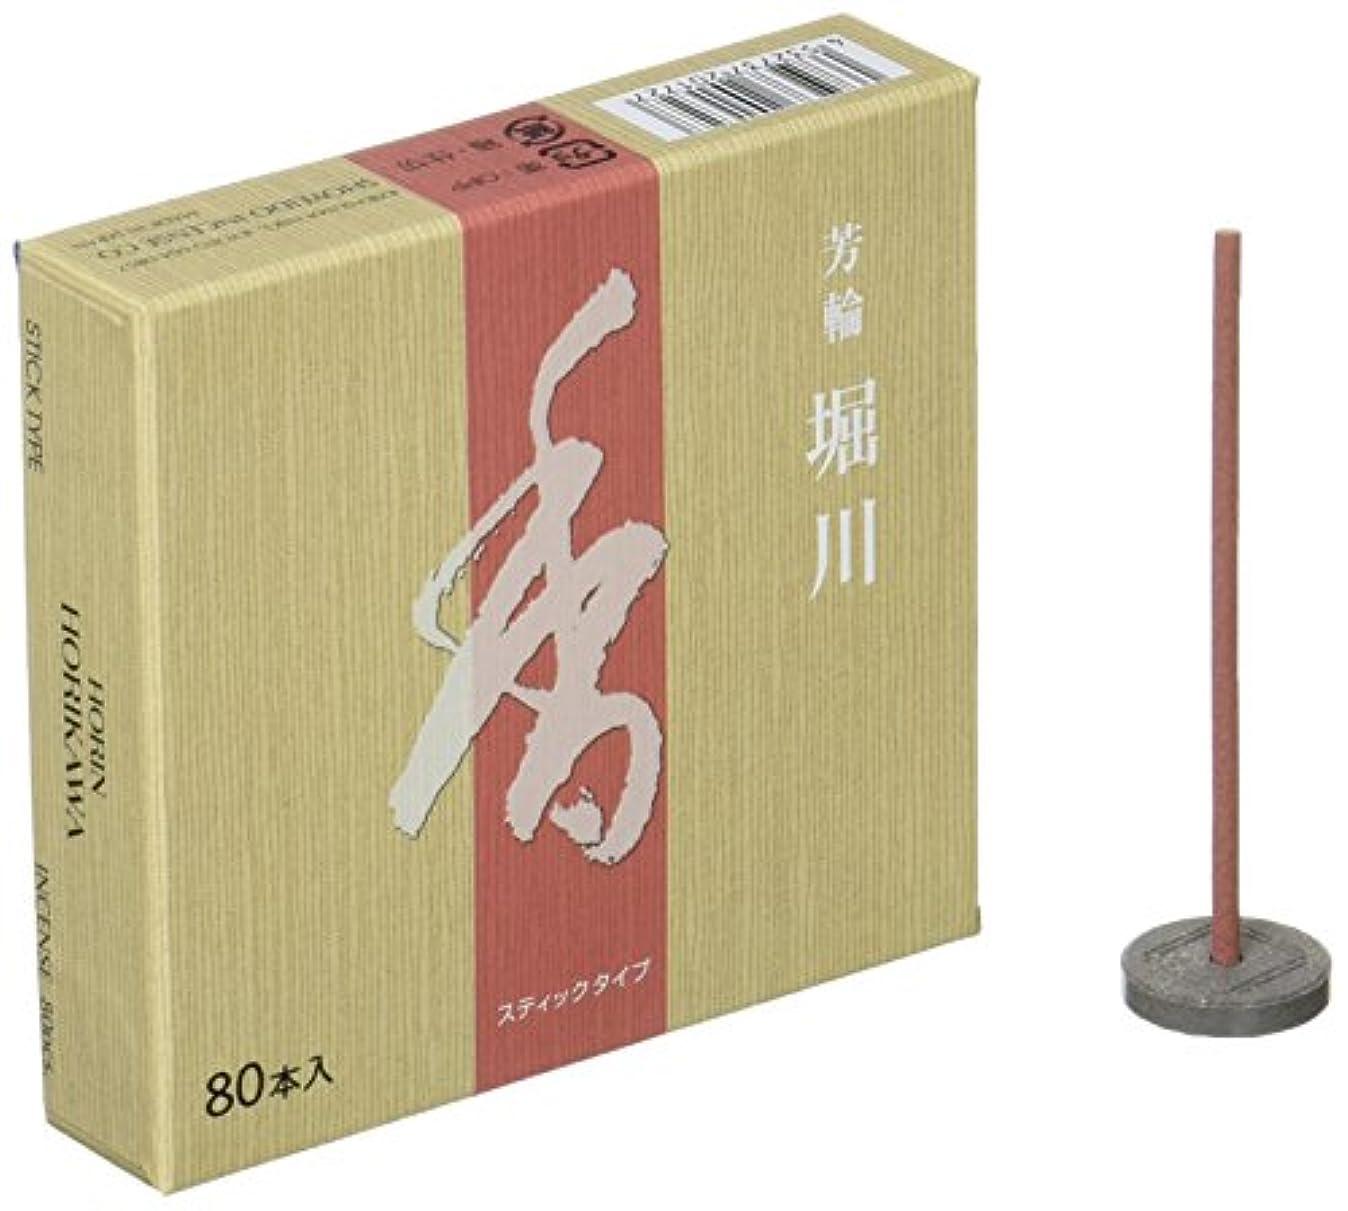 再生可能動機付ける見つけた松栄堂 芳輪 堀川 スティック型 80本入